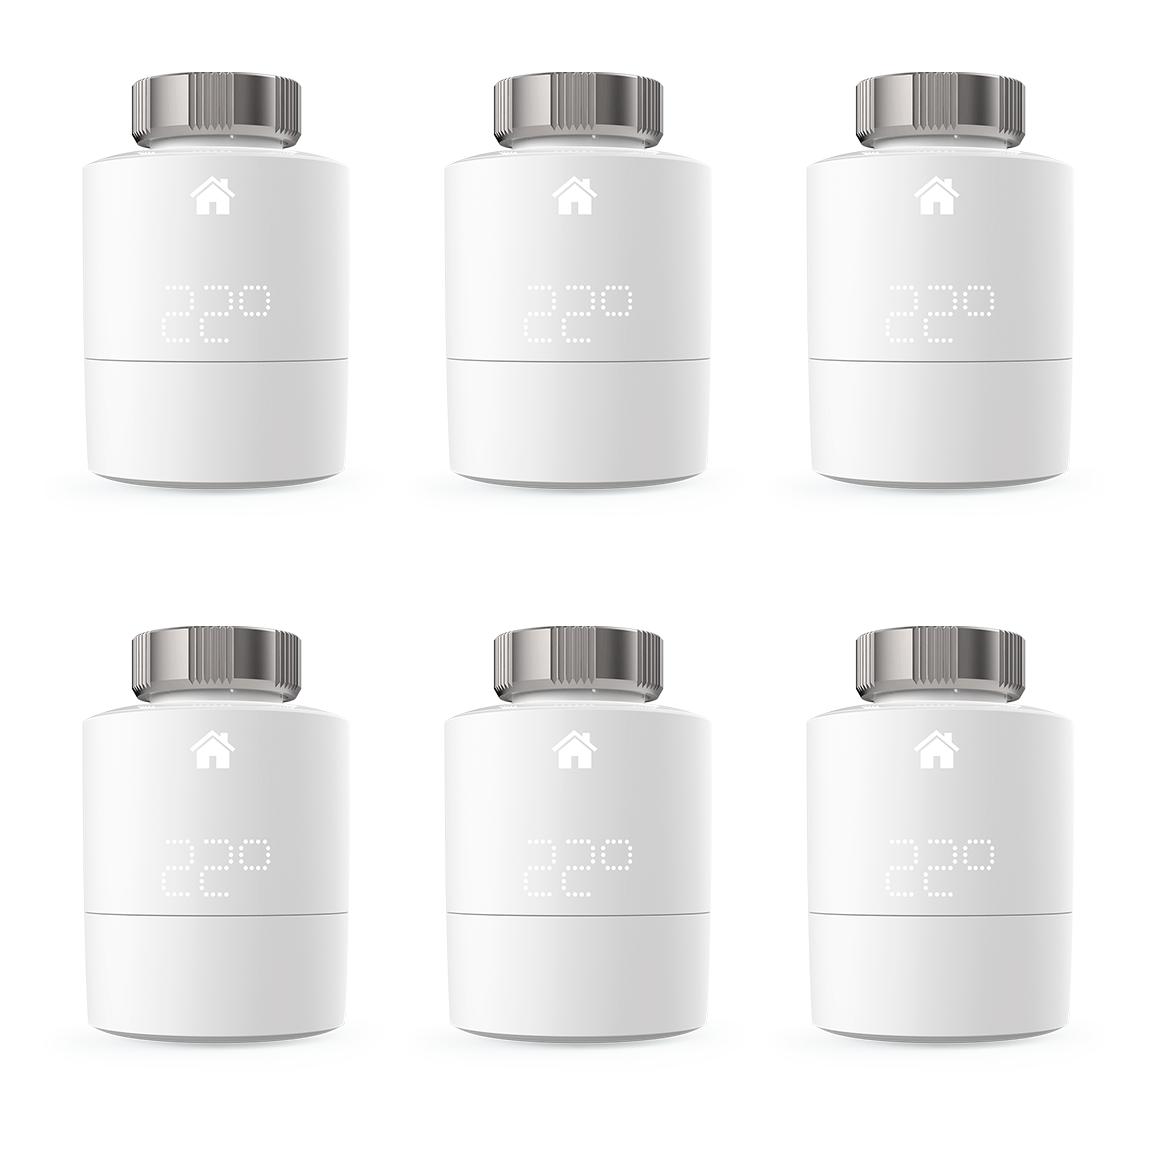 tado° Smartes Heizkörper-Thermostat - 6er-Pack